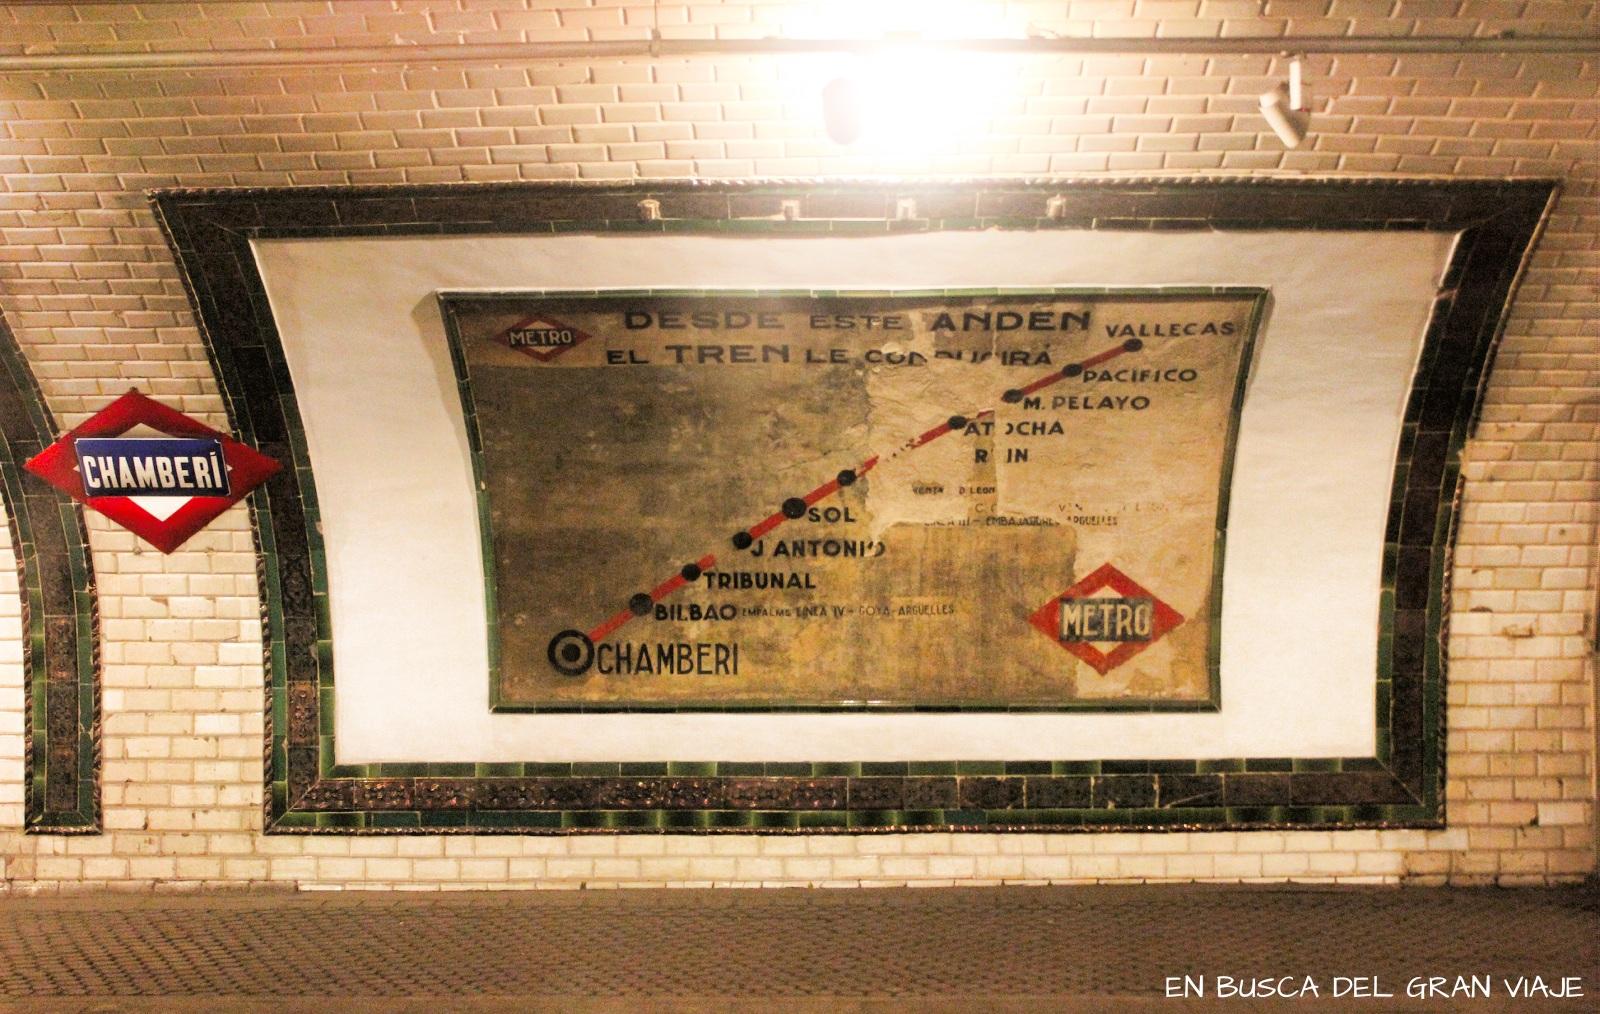 Mapa del Metro de la línea 1 desde la estación de Chamberí hasta